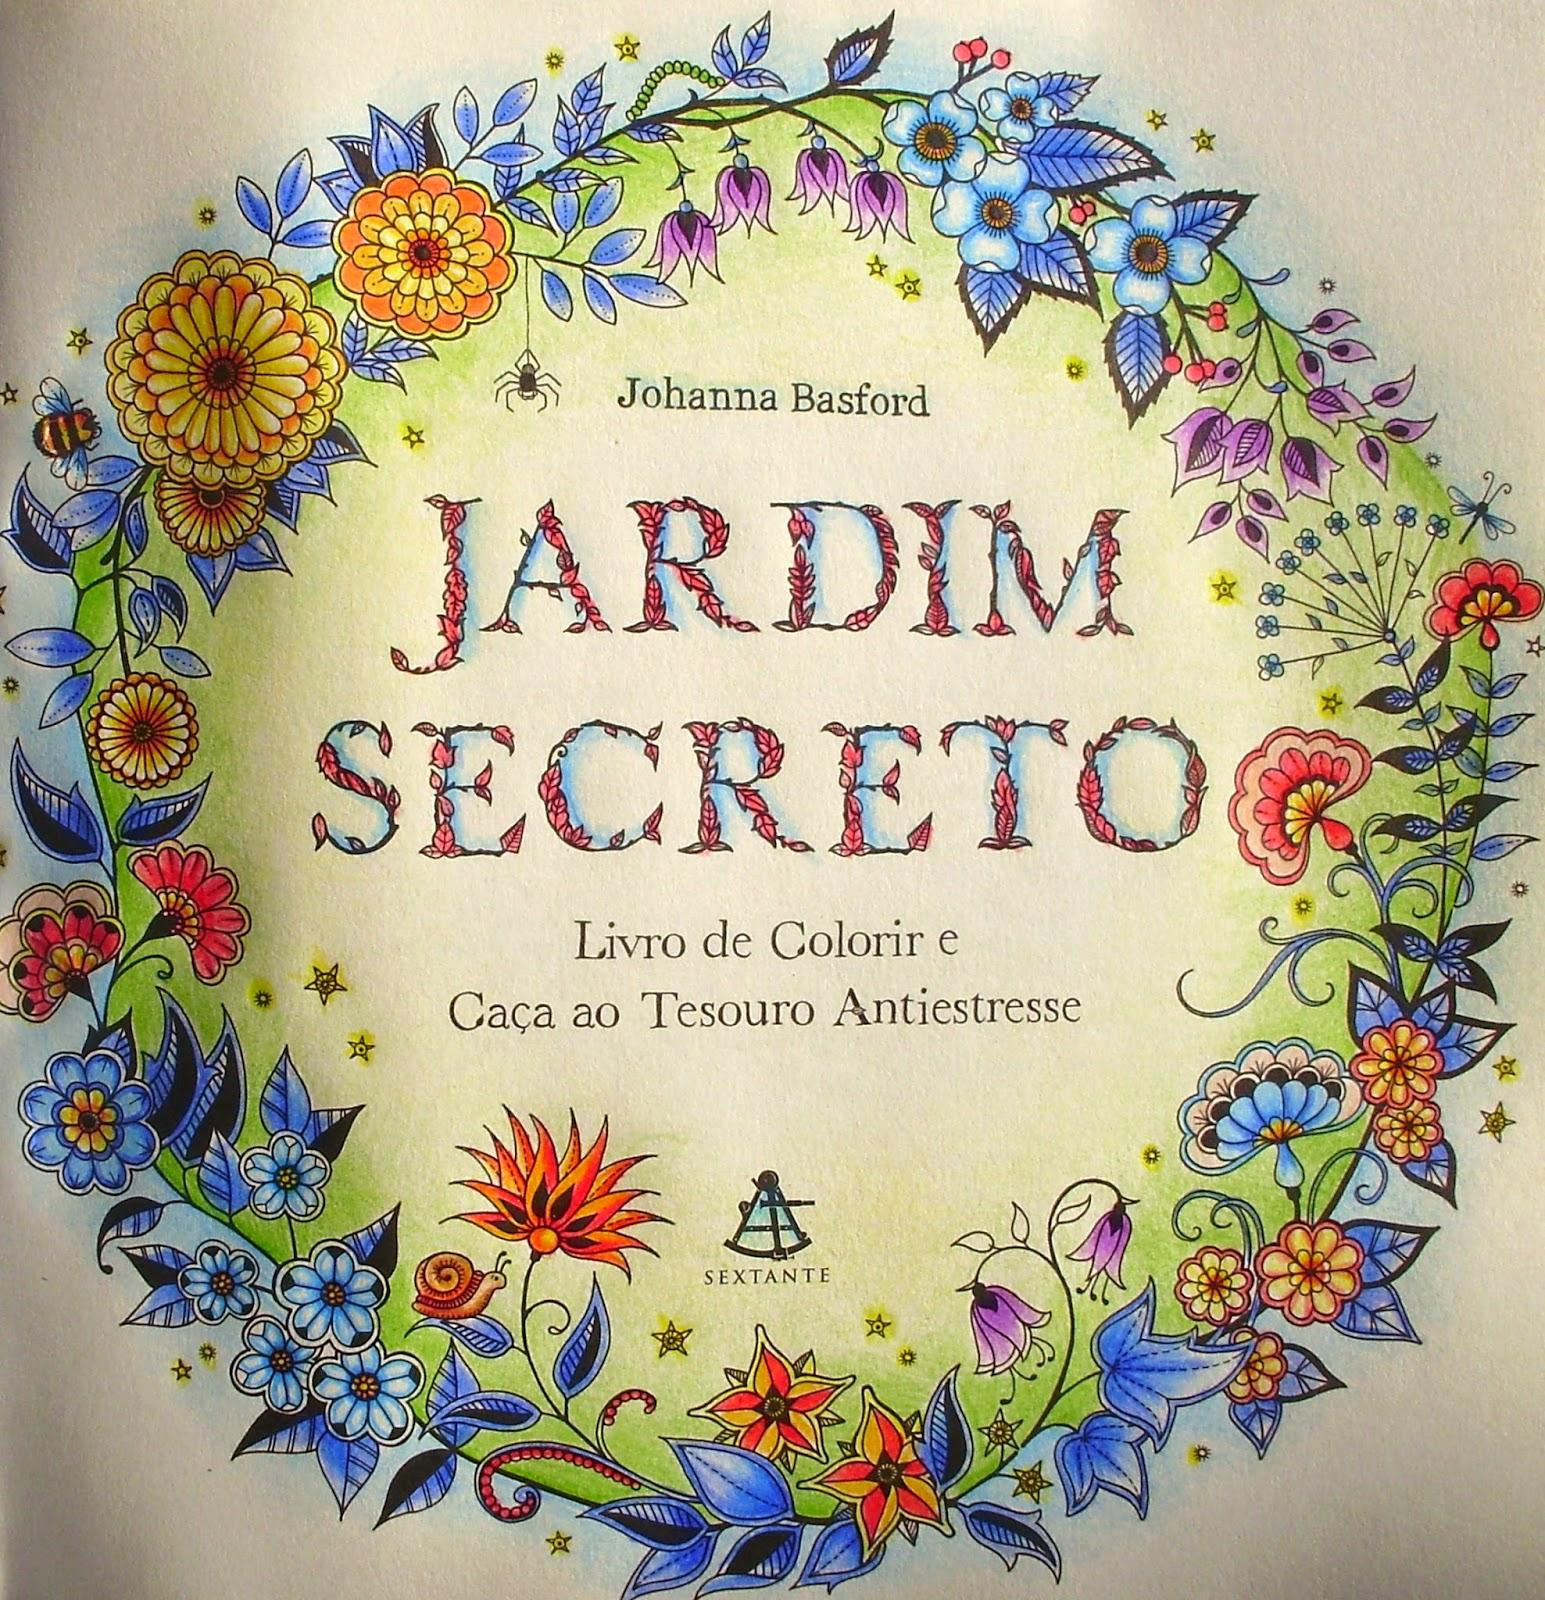 flor azul jardim secreto : flor azul jardim secreto:Jardim Secreto